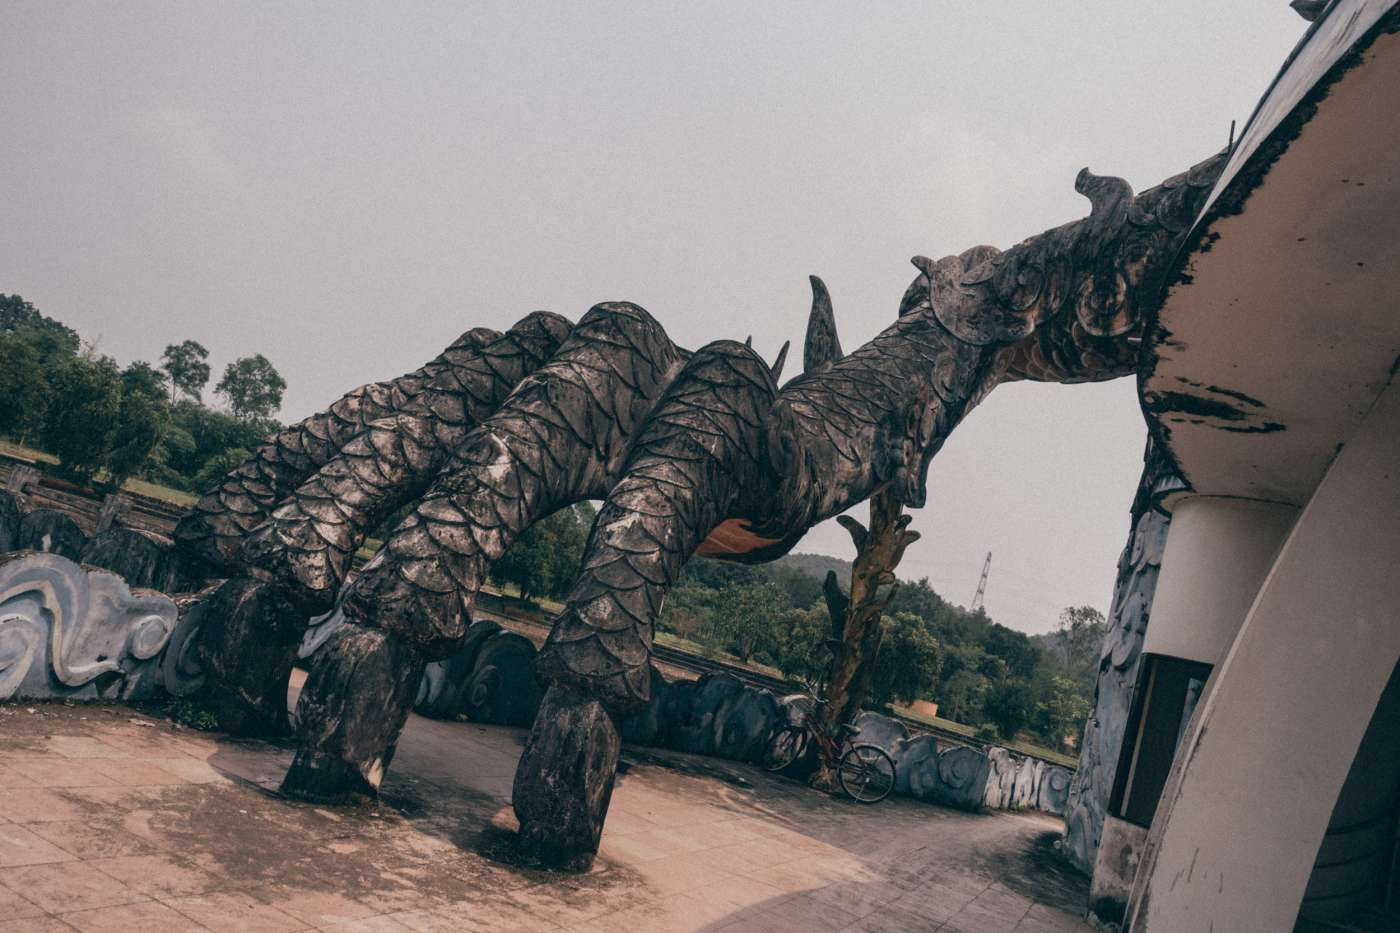 Du khách nước ngoài đổ xô khám phá công viên nước bỏ hoang ở Việt Nam - 10